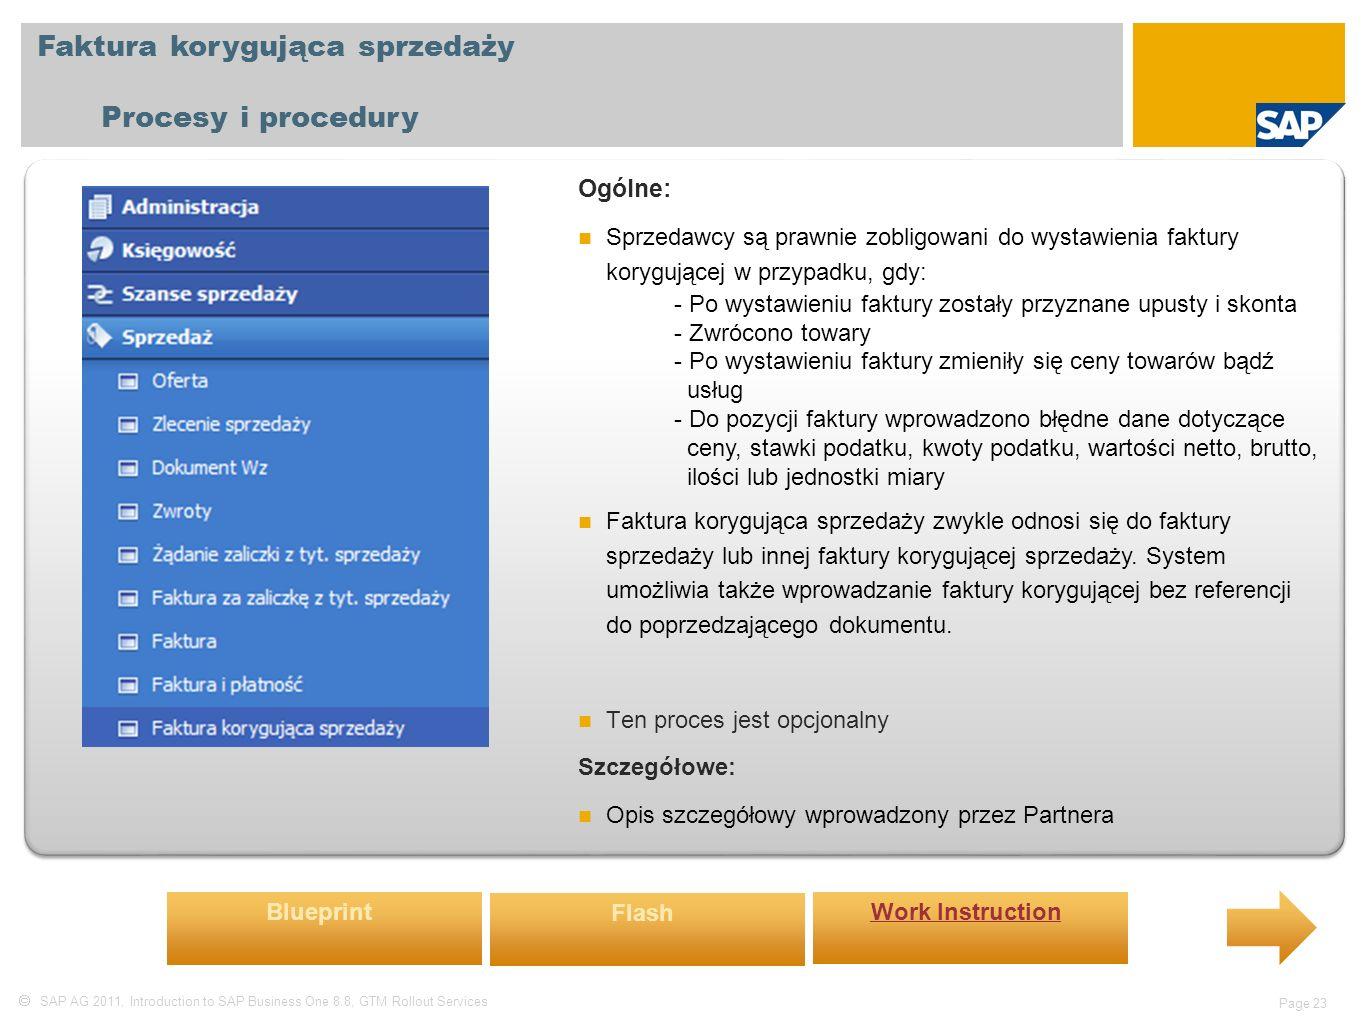  SAP AG 2011, Introduction to SAP Business One 8.8, GTM Rollout Services Page 23 Faktura korygująca sprzedaży Procesy i procedury Ogólne: Sprzedawcy